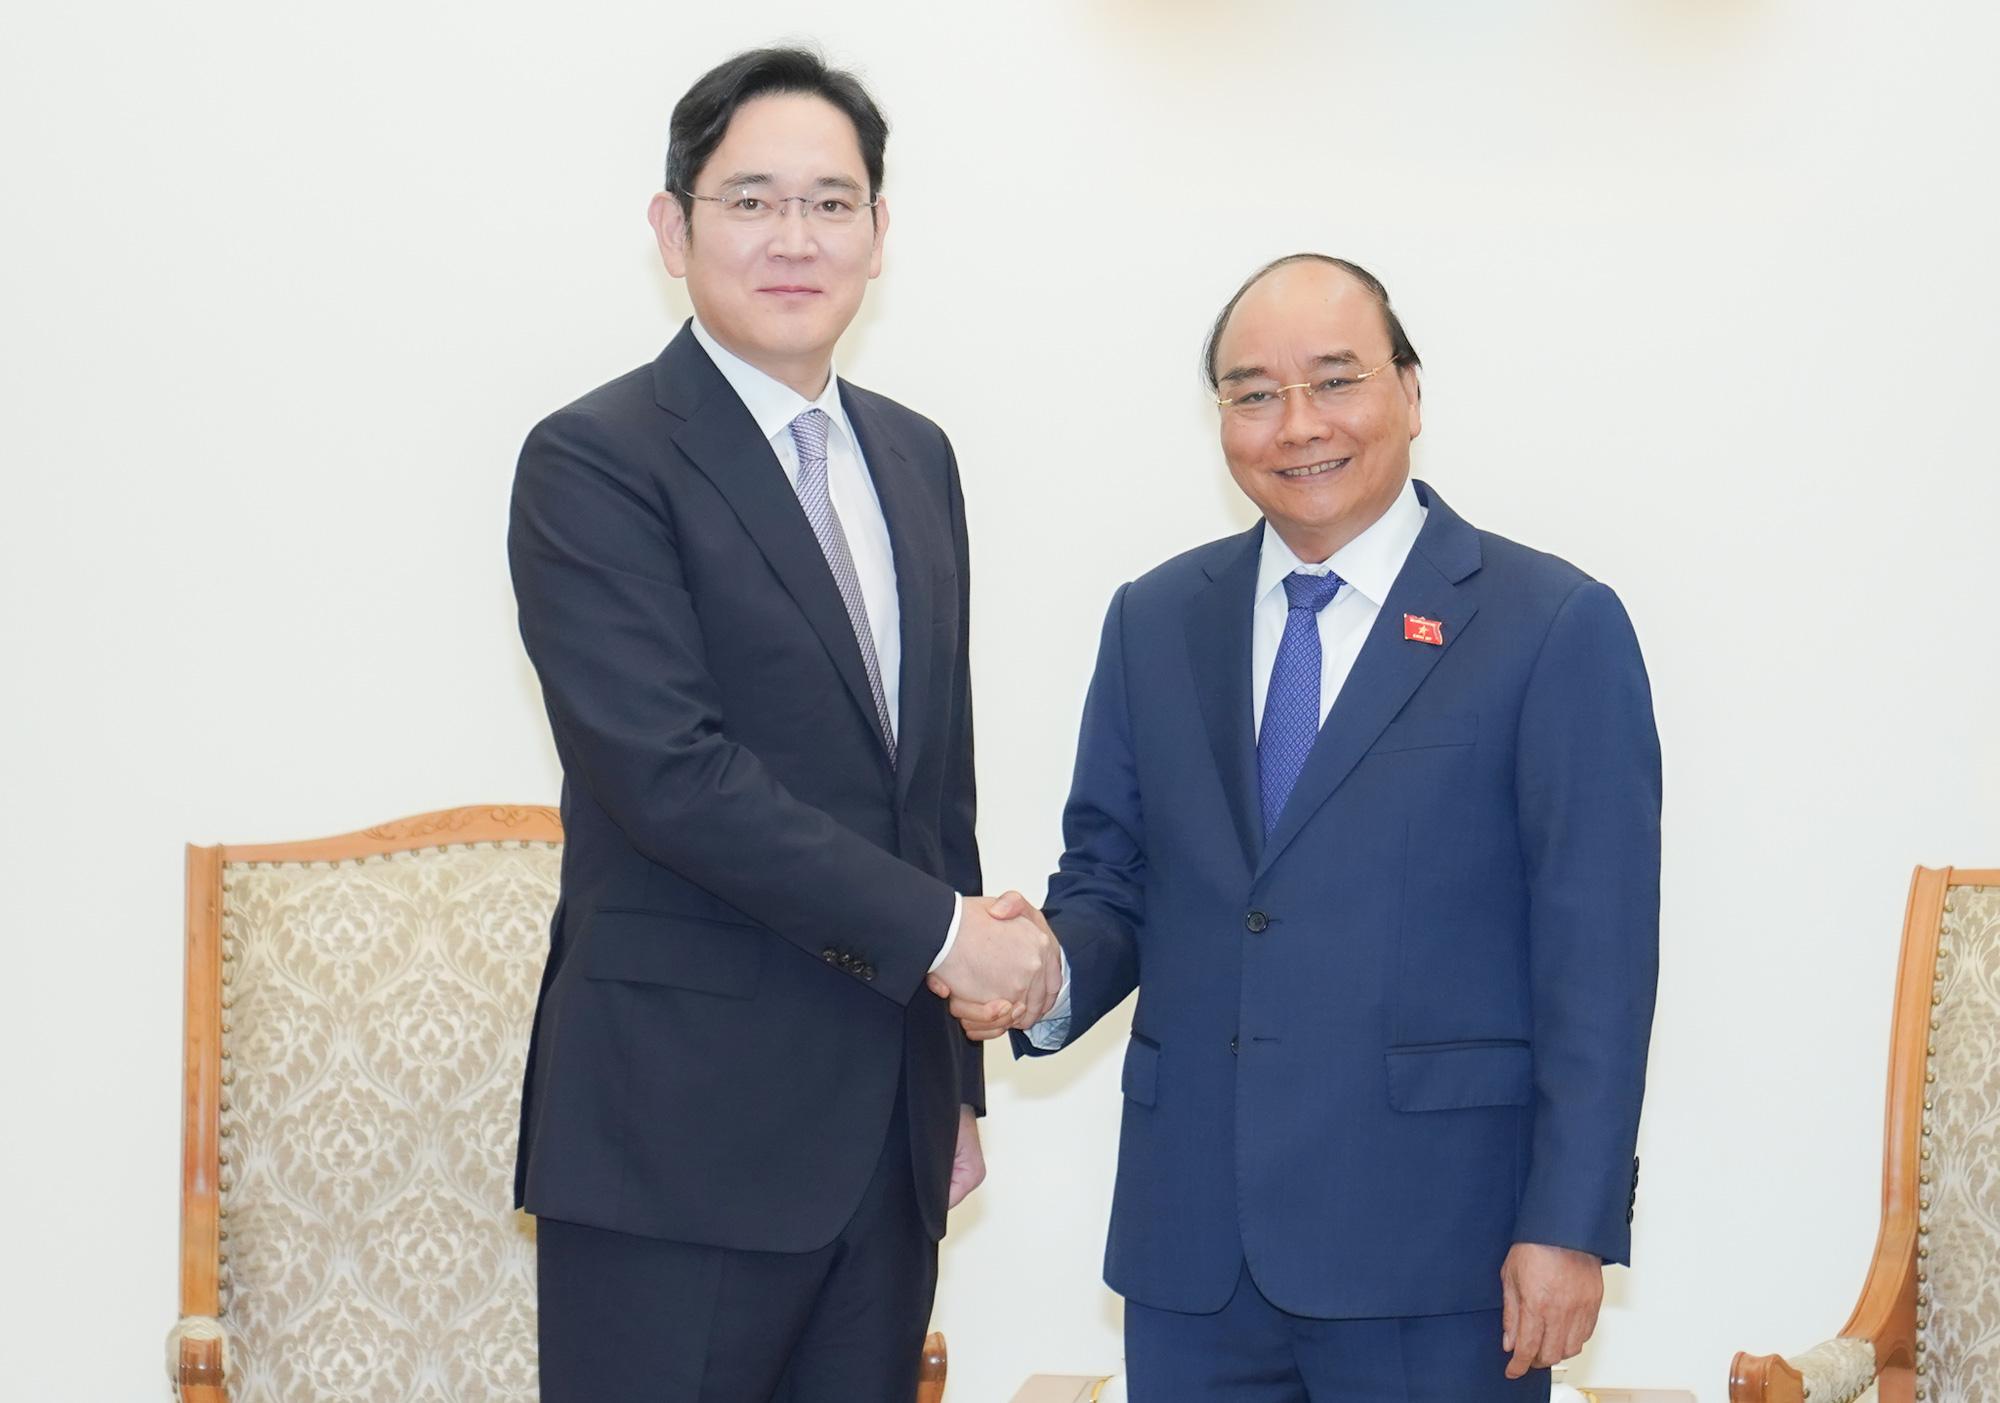 """Thái tử Samsung: """"Mỗi lần đến Việt Nam lại thấy có thêm các tòa nhà mới, con đường mới, các khách sạn tốt"""" - Ảnh 1."""